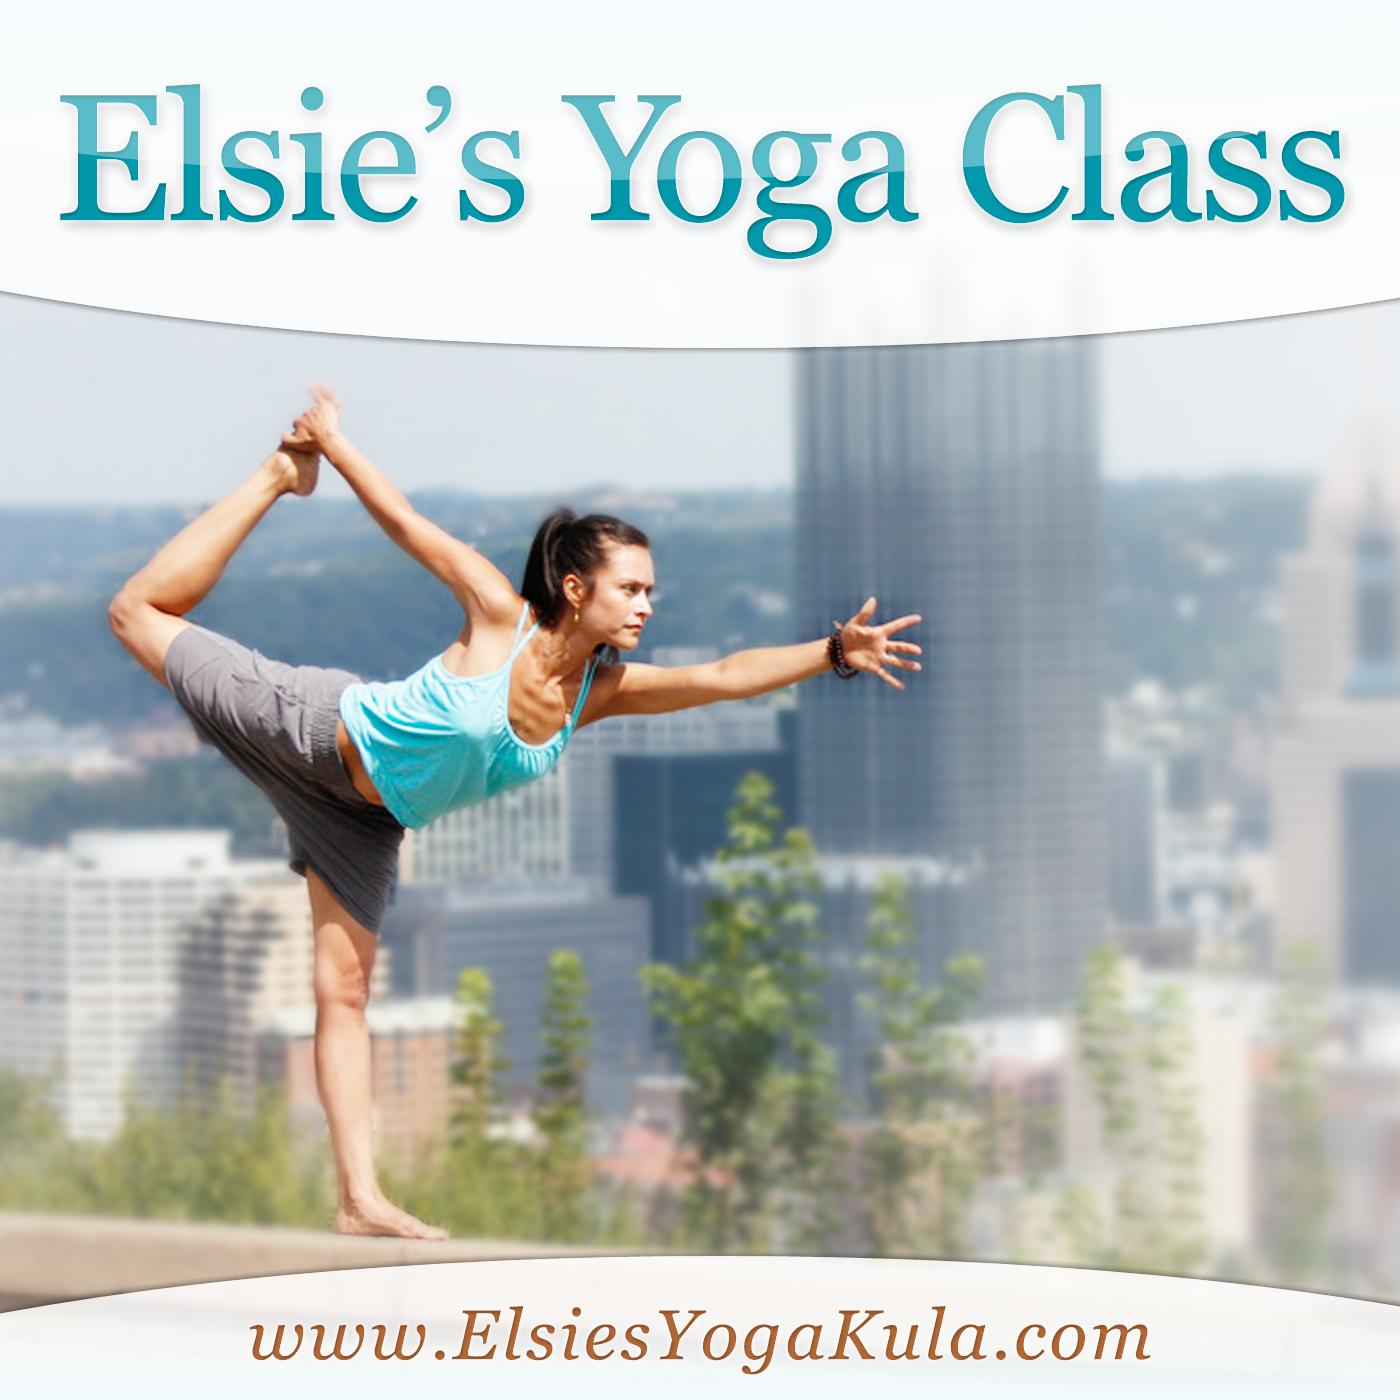 Elsie's Yoga Class l Inspiration l Alignment l Connection